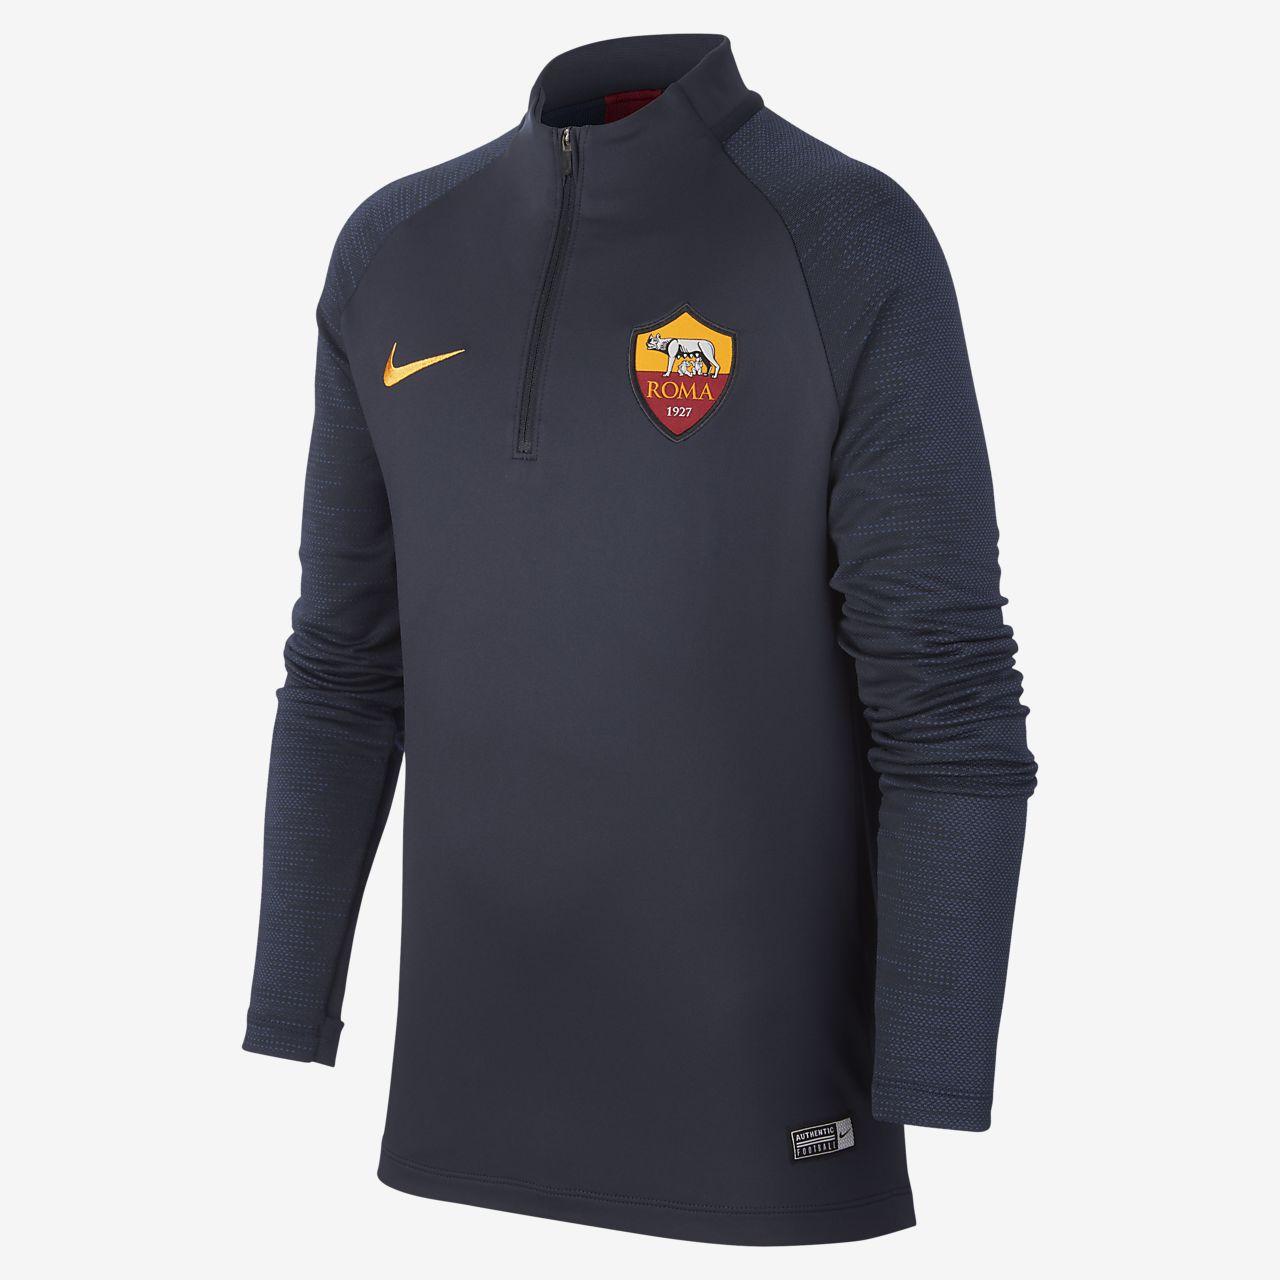 Nike Dri-FIT A.S. Roma Strike Voetbaltrainingstop voor kids